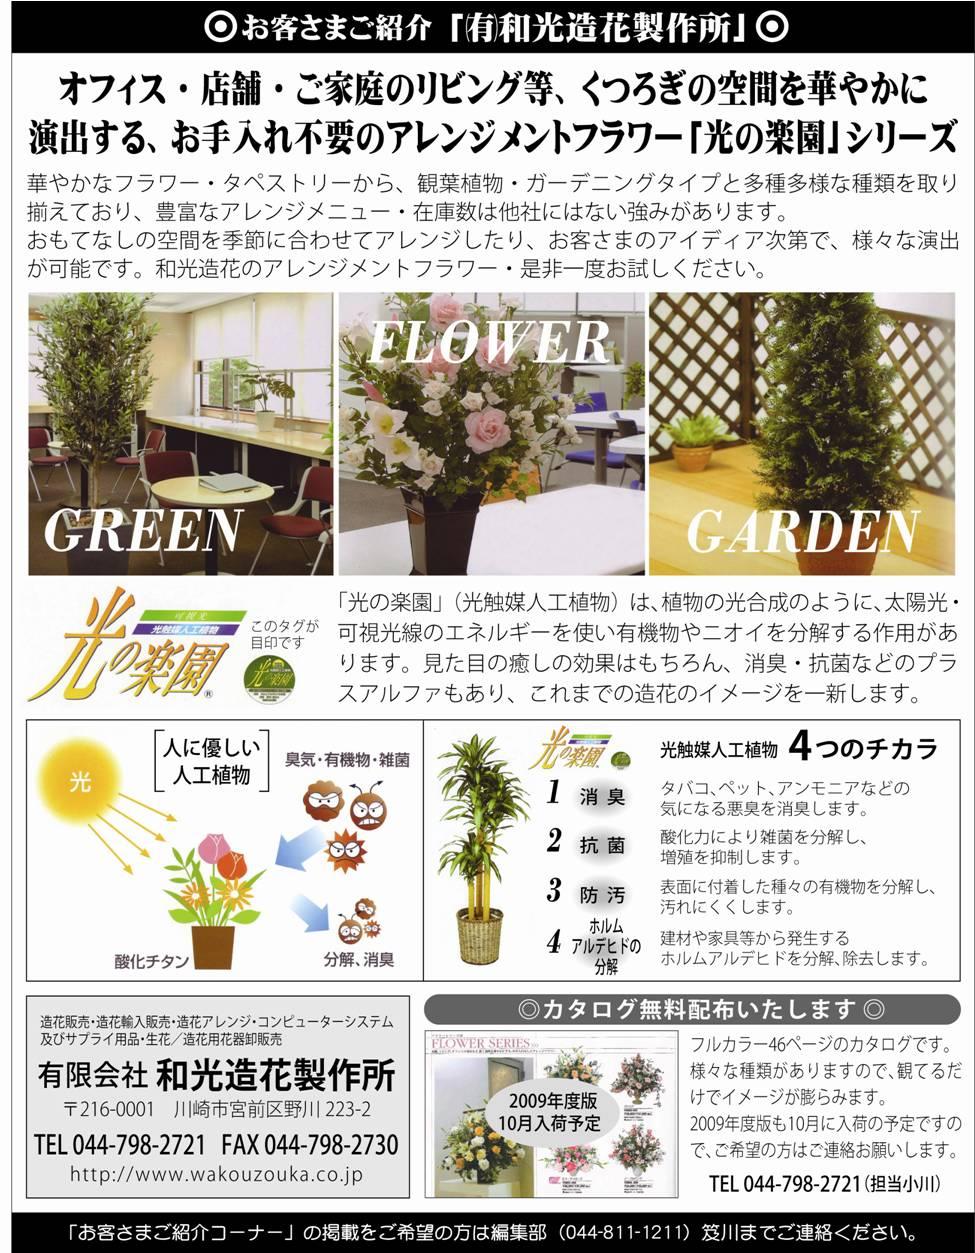 114号:お客さまご紹介「有限会社 和光造花製作所」_e0100687_1114233.jpg